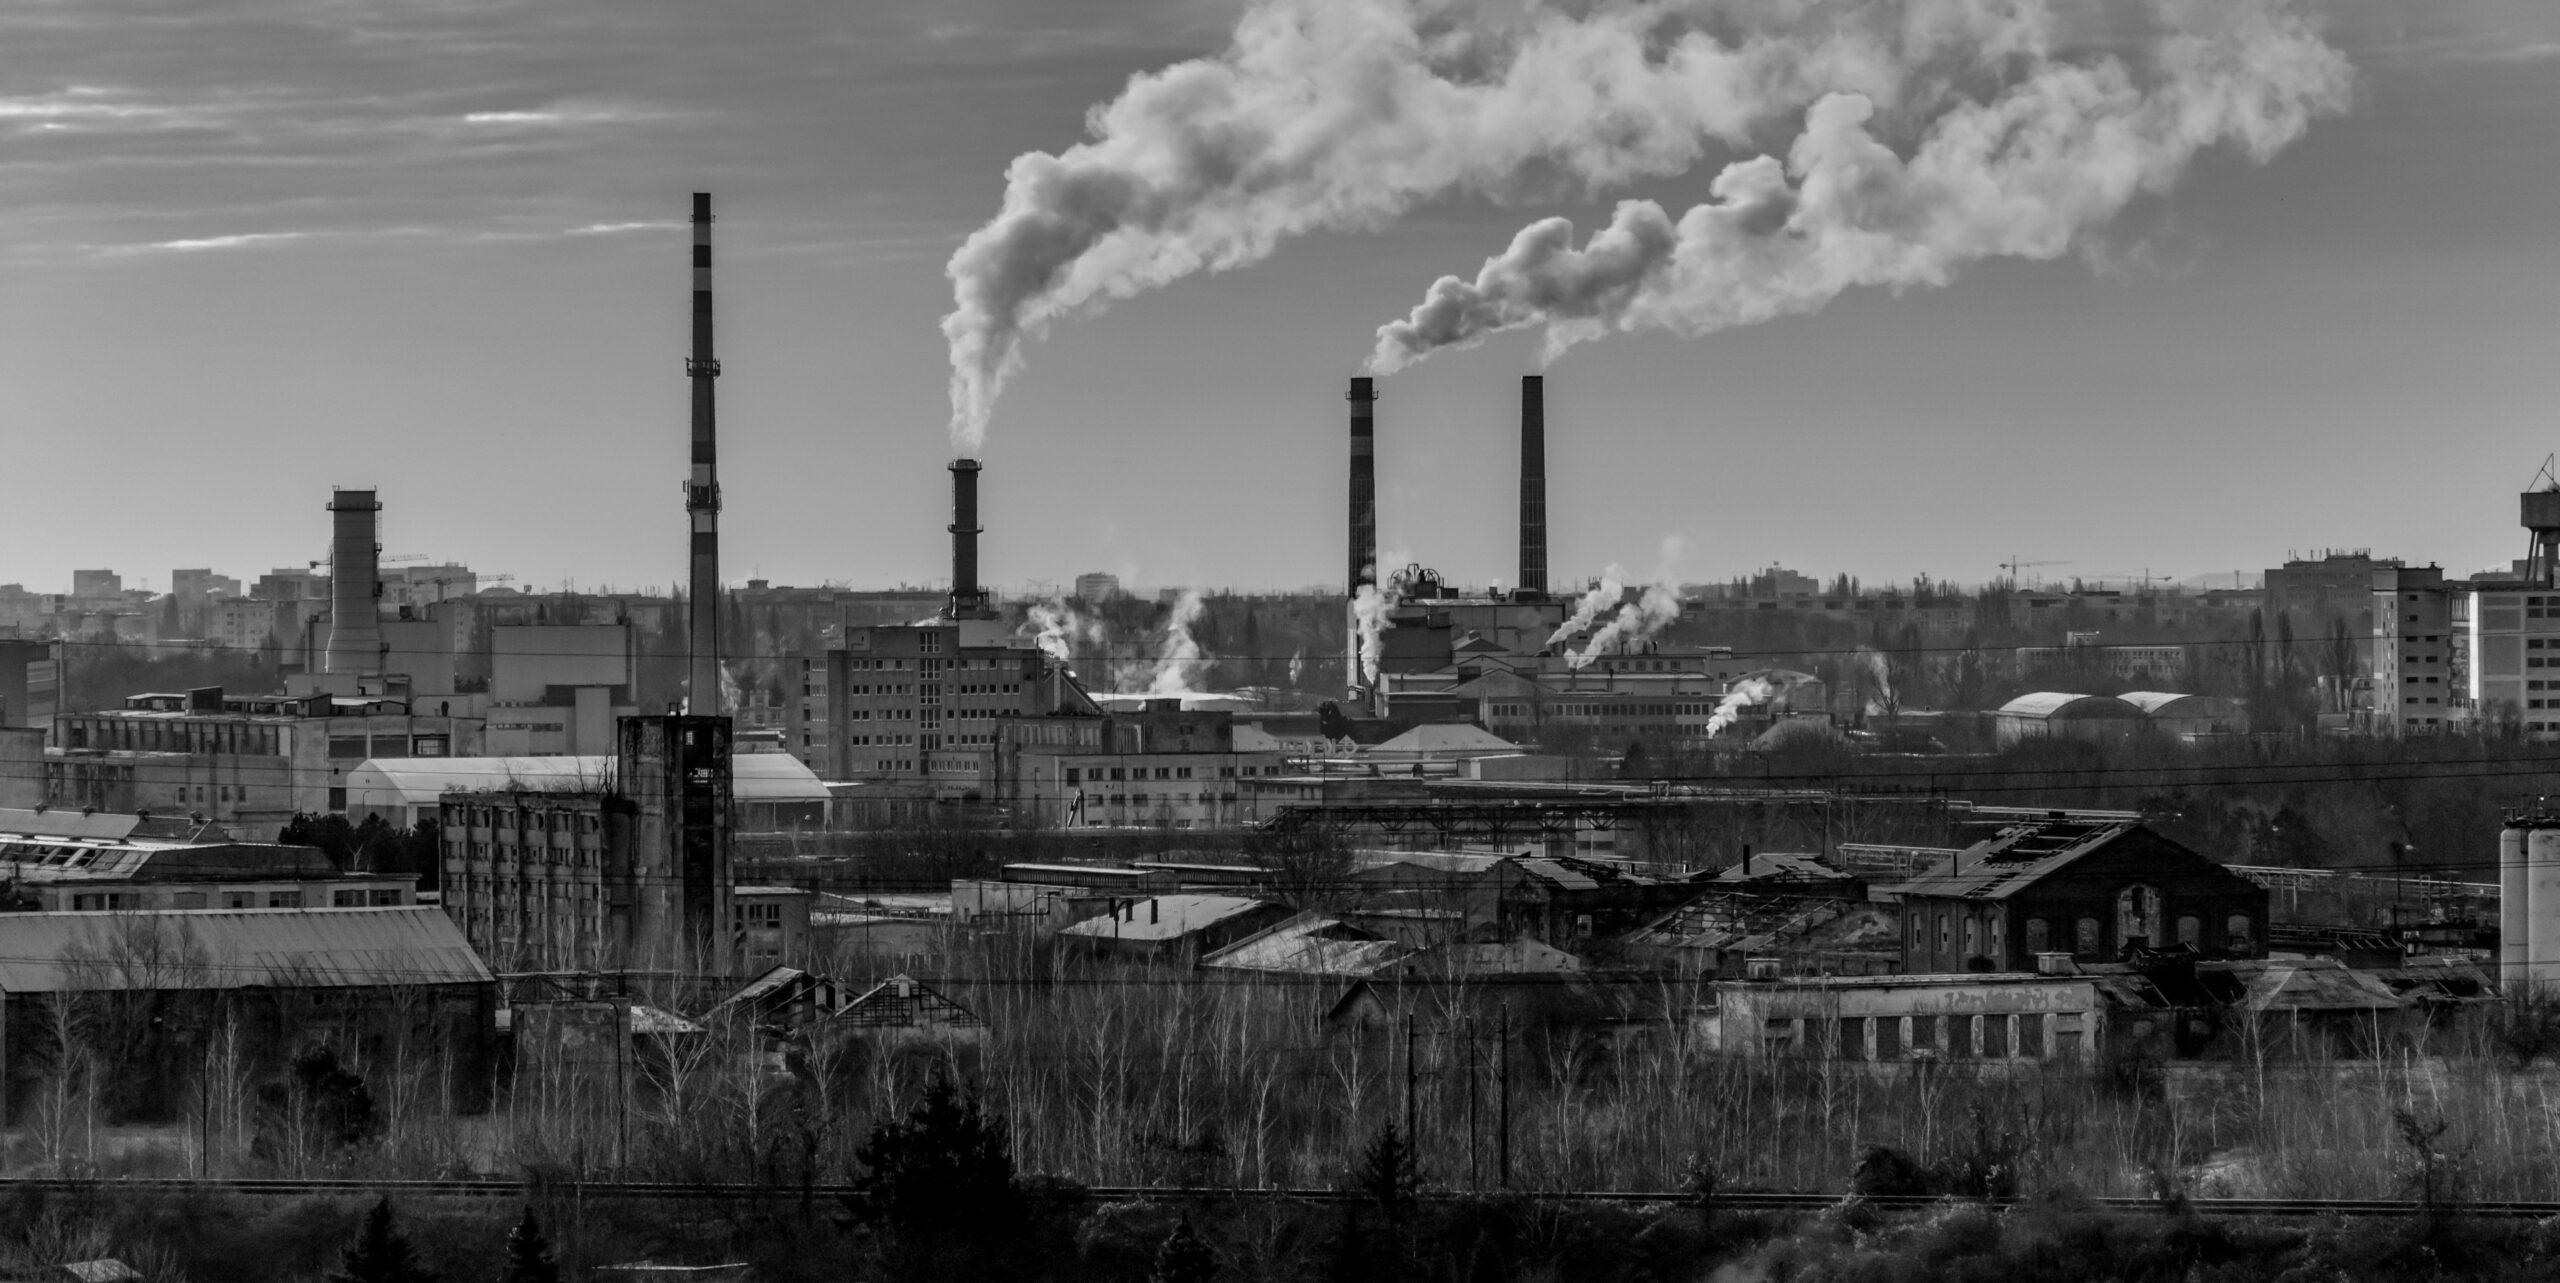 वातावरण में अधिक कार्बन डाइऑक्साइड इंसानों की सोचने समझने की क्षमता पर डालता है असर